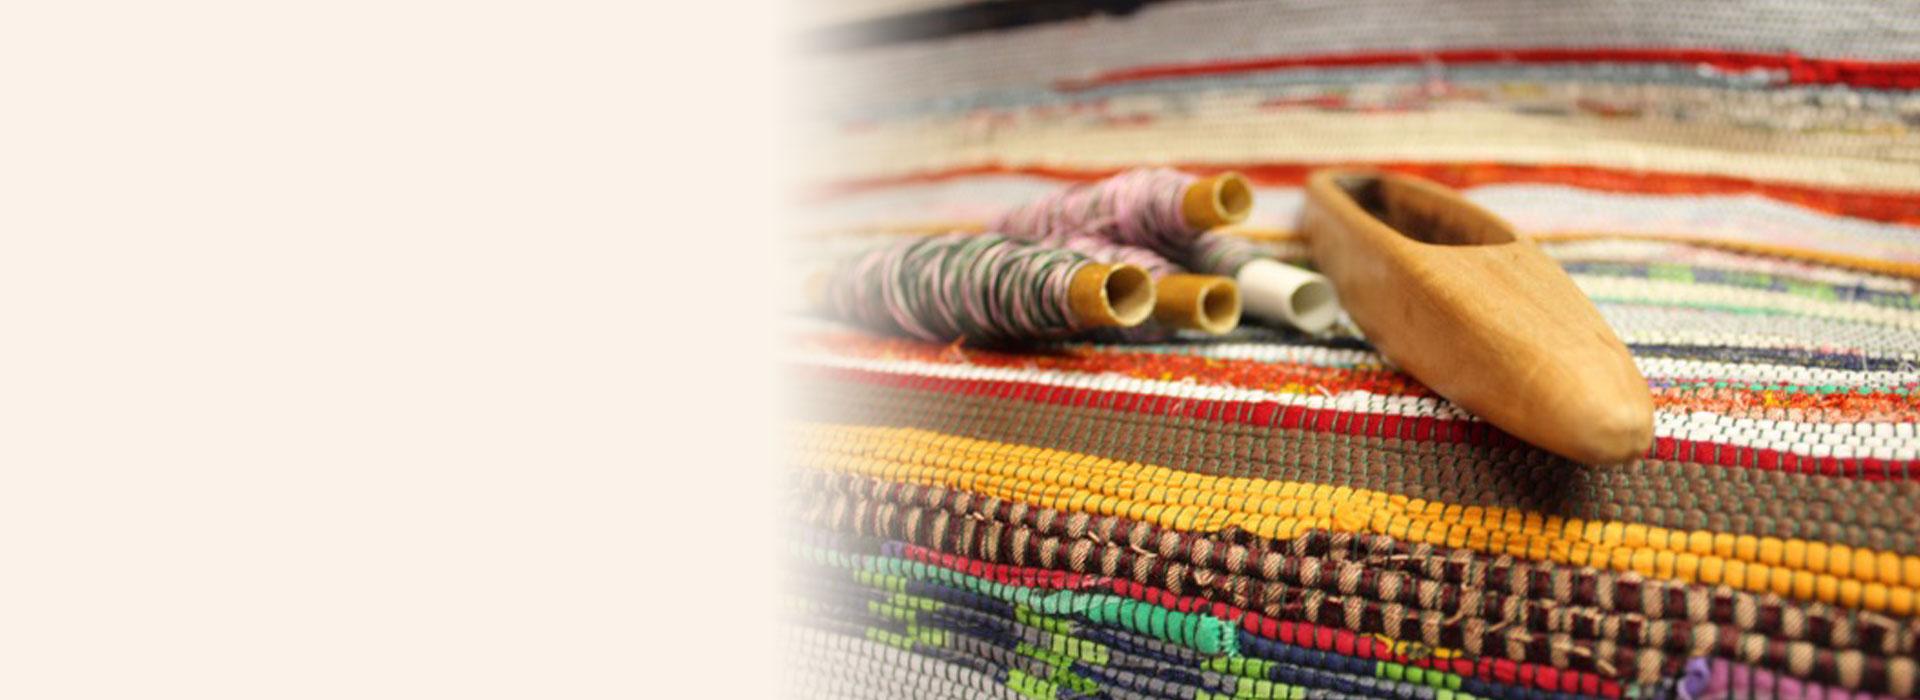 Chodnik tkany tradycyjnie